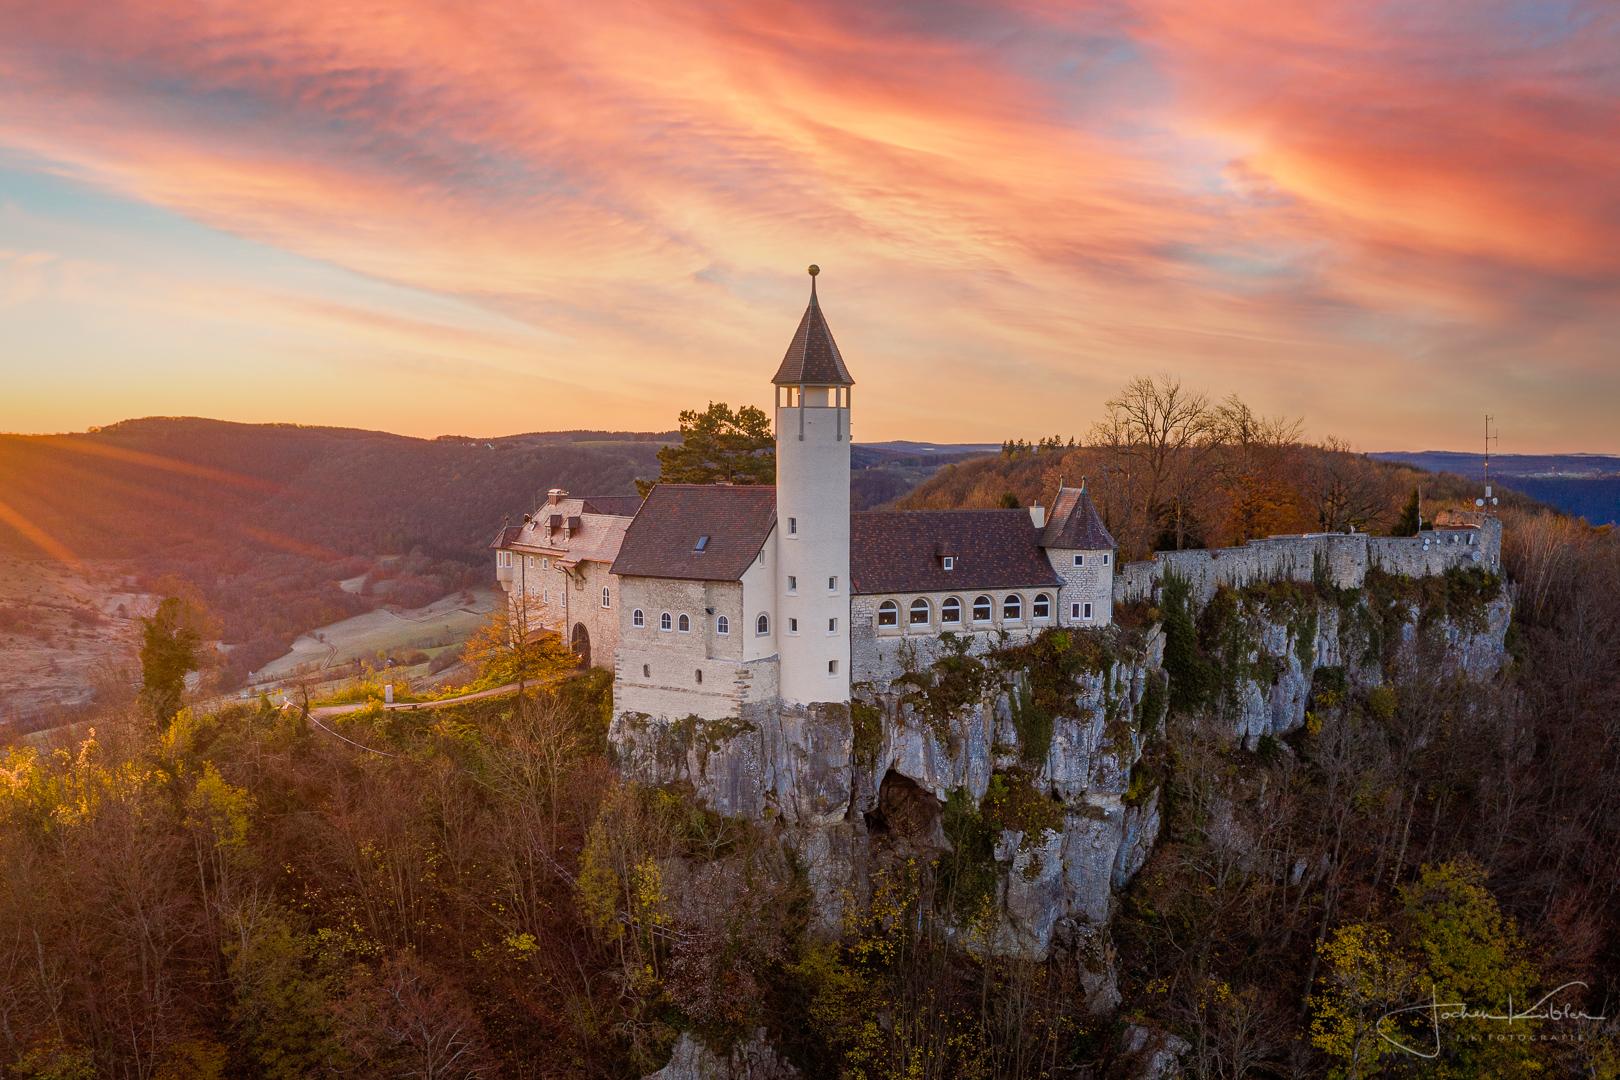 Die Burg Teck am frühen Morgen